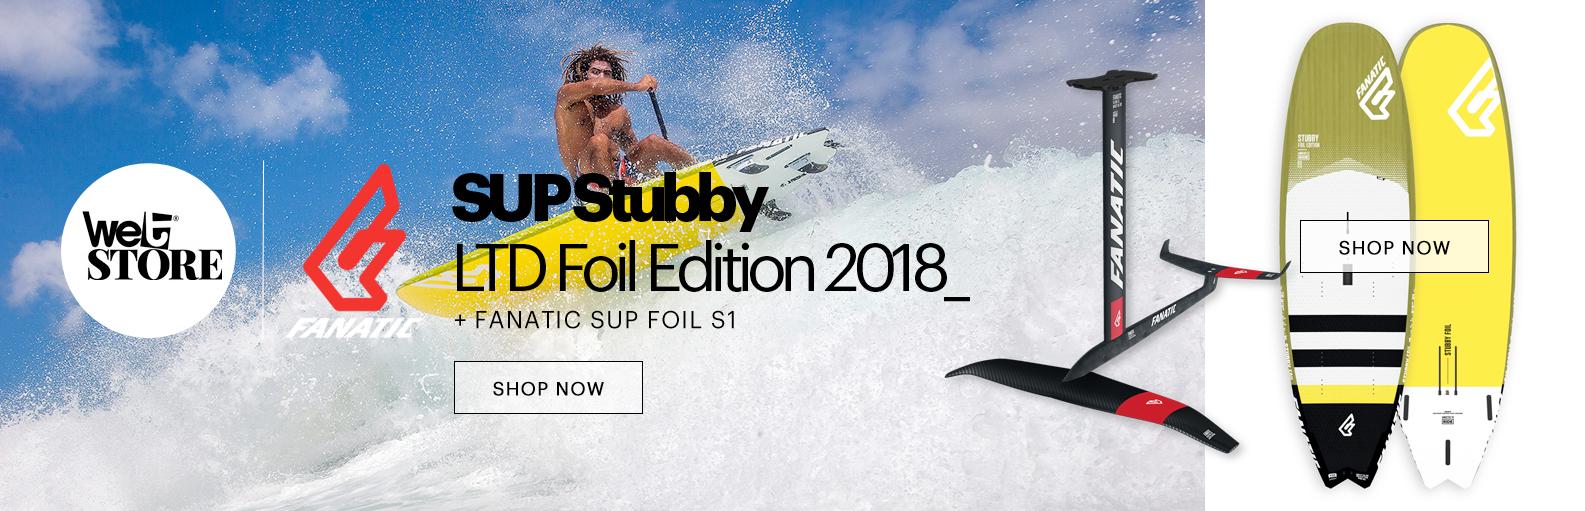 sup-foil-fanatic-2018-banner